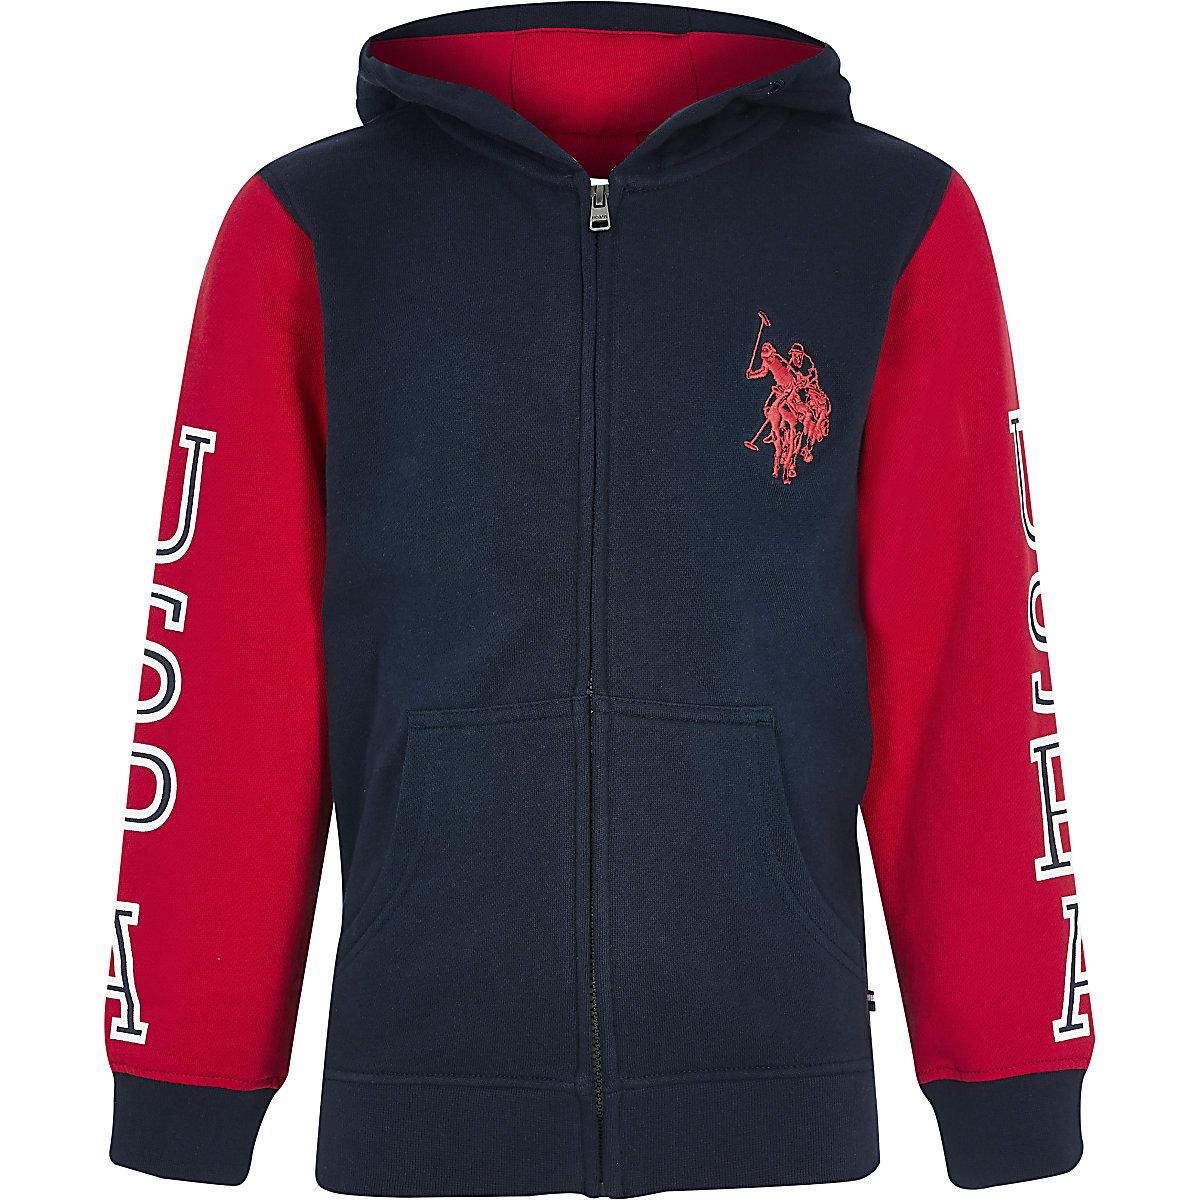 U.S. Polo Assn. - Marineblauwe hoodie met rits voor jongens